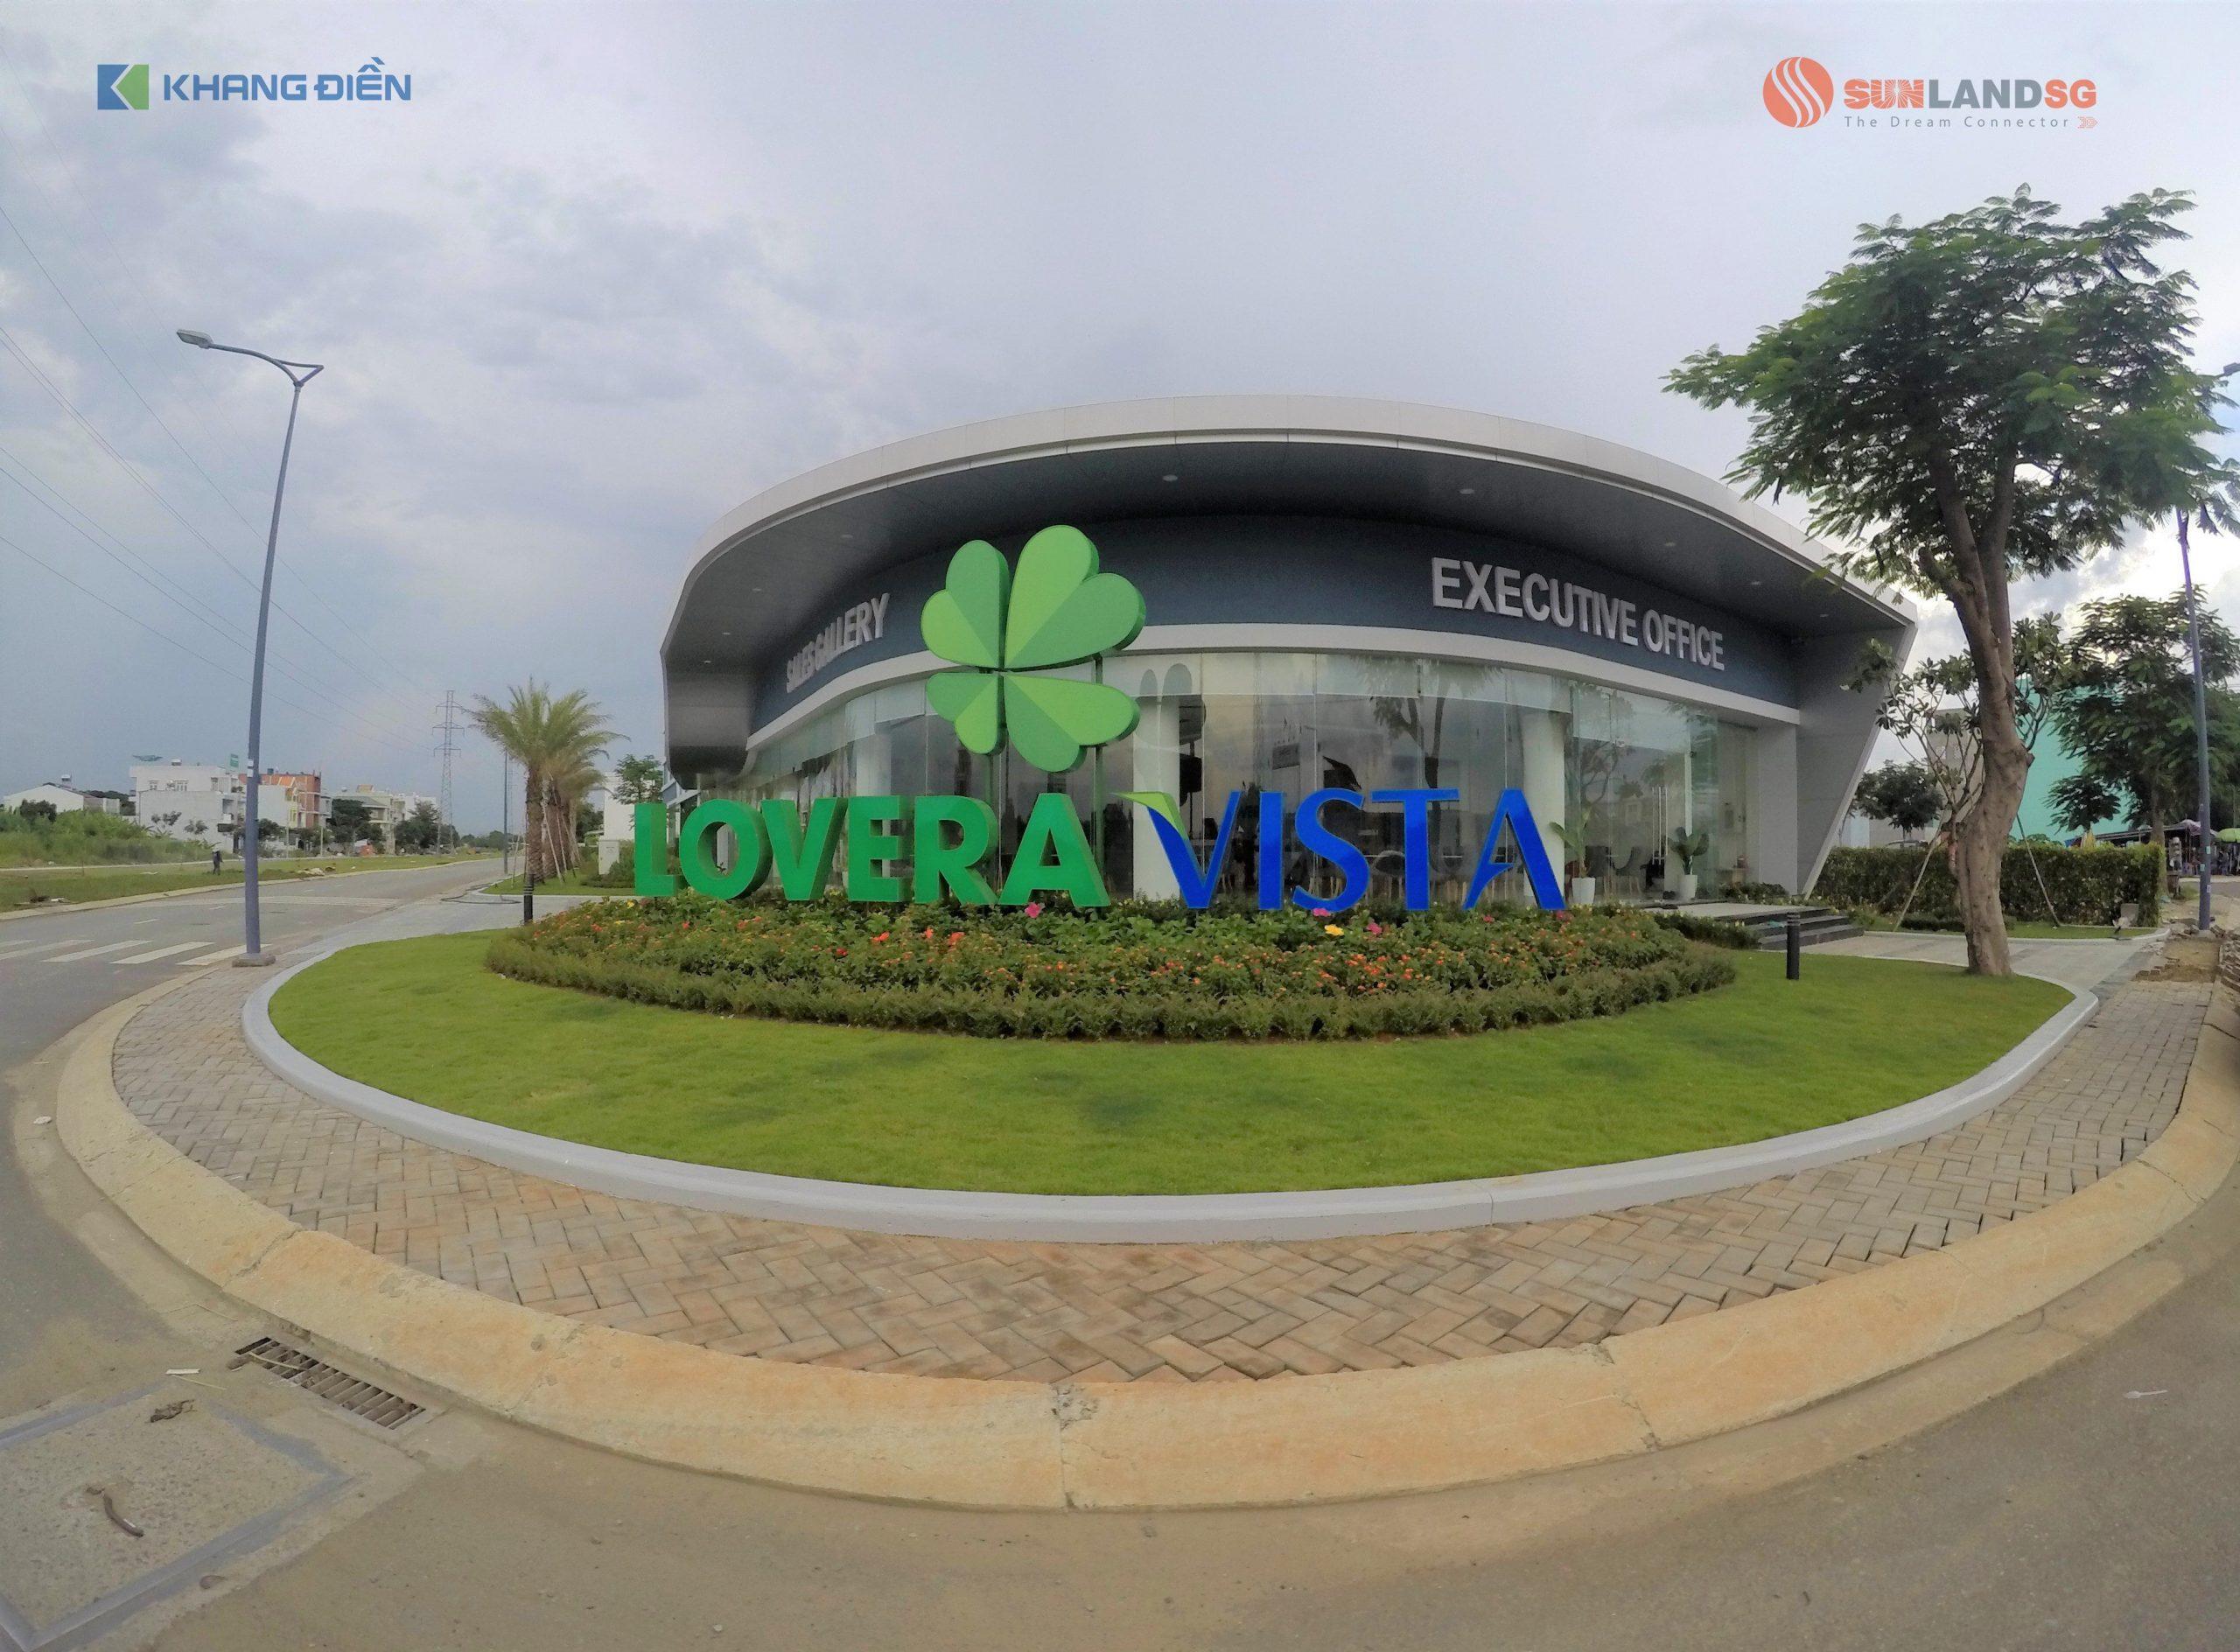 Cổng vào khu dự án Lovera Vista Khang Điền